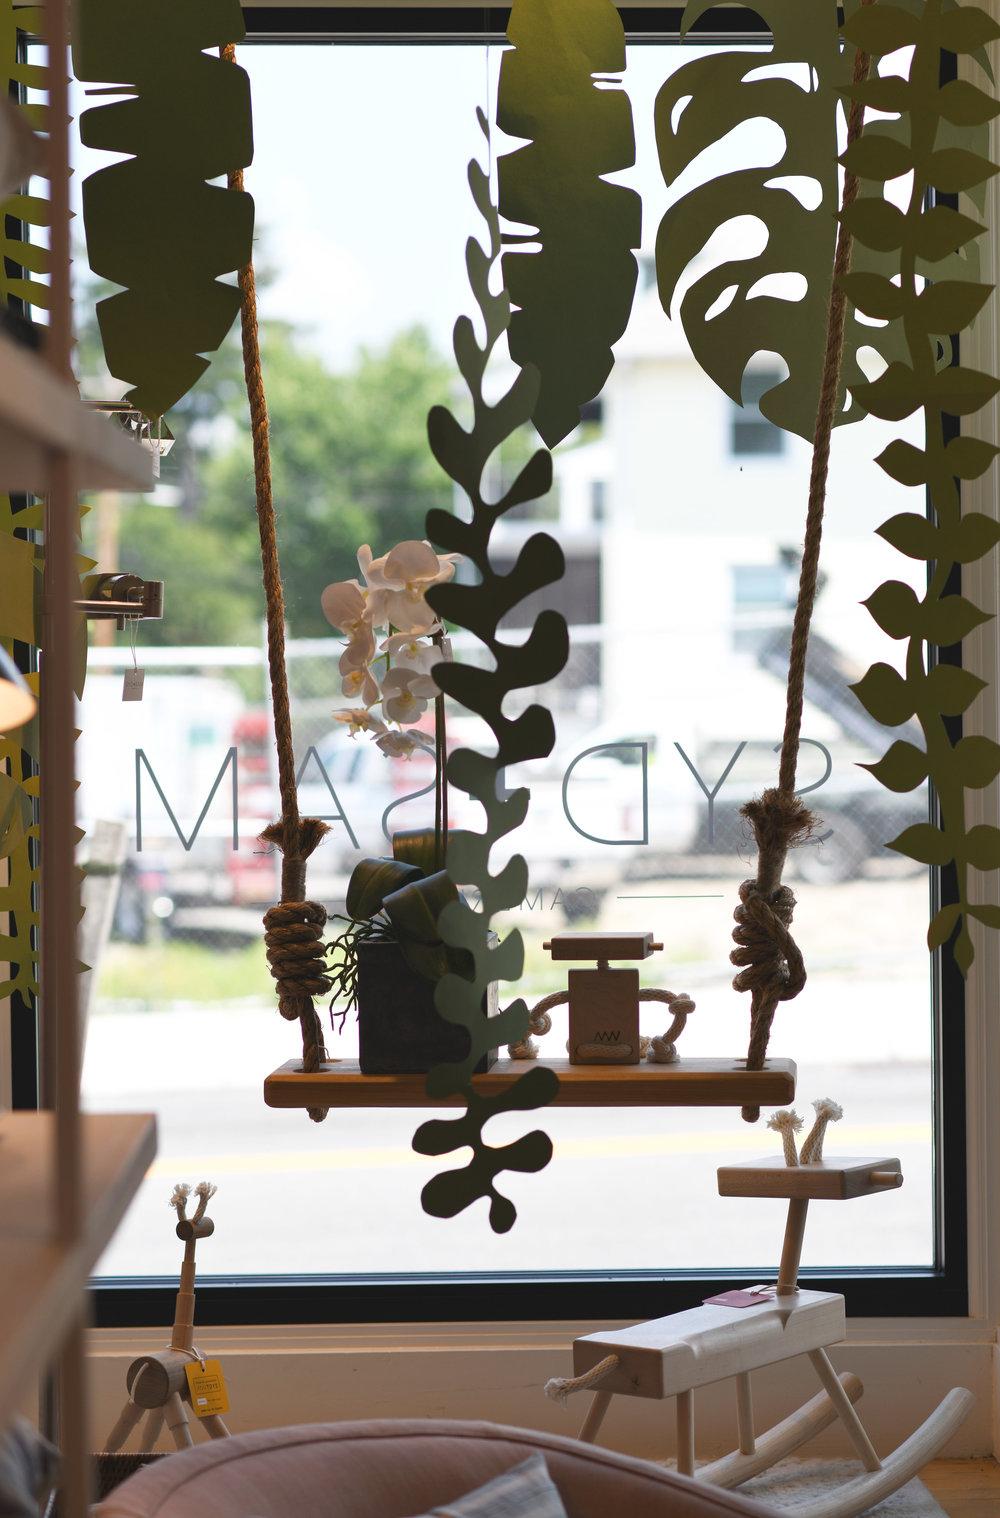 lieafy swing window.jpg